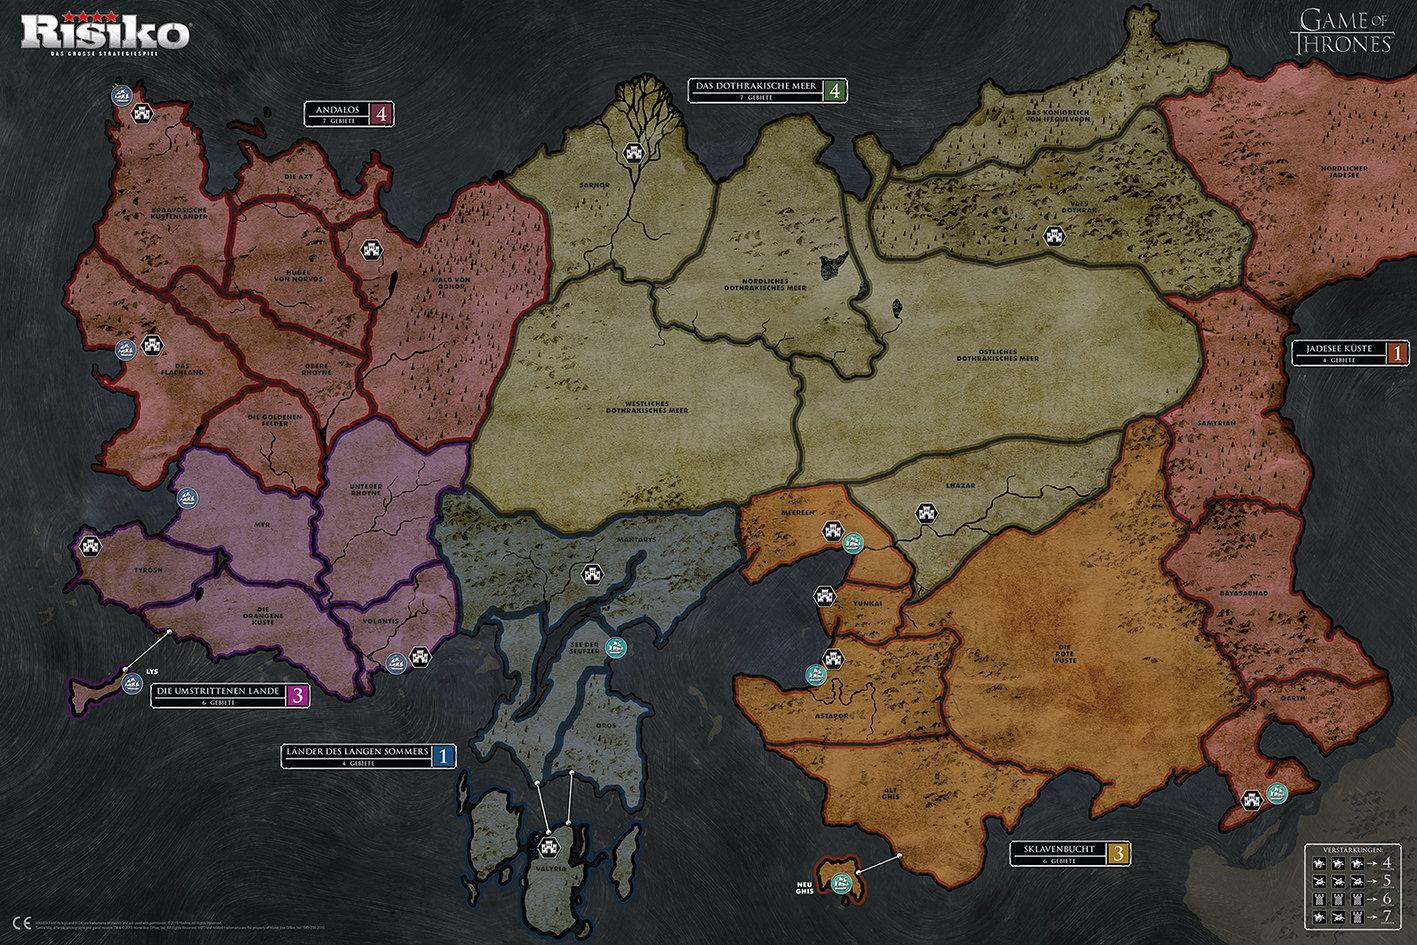 Karte Westeros Essos Deutsch.Details Zu Risiko Game Of Thrones Got Collector S Edition Spiel Brettspiel Deutsch Neu